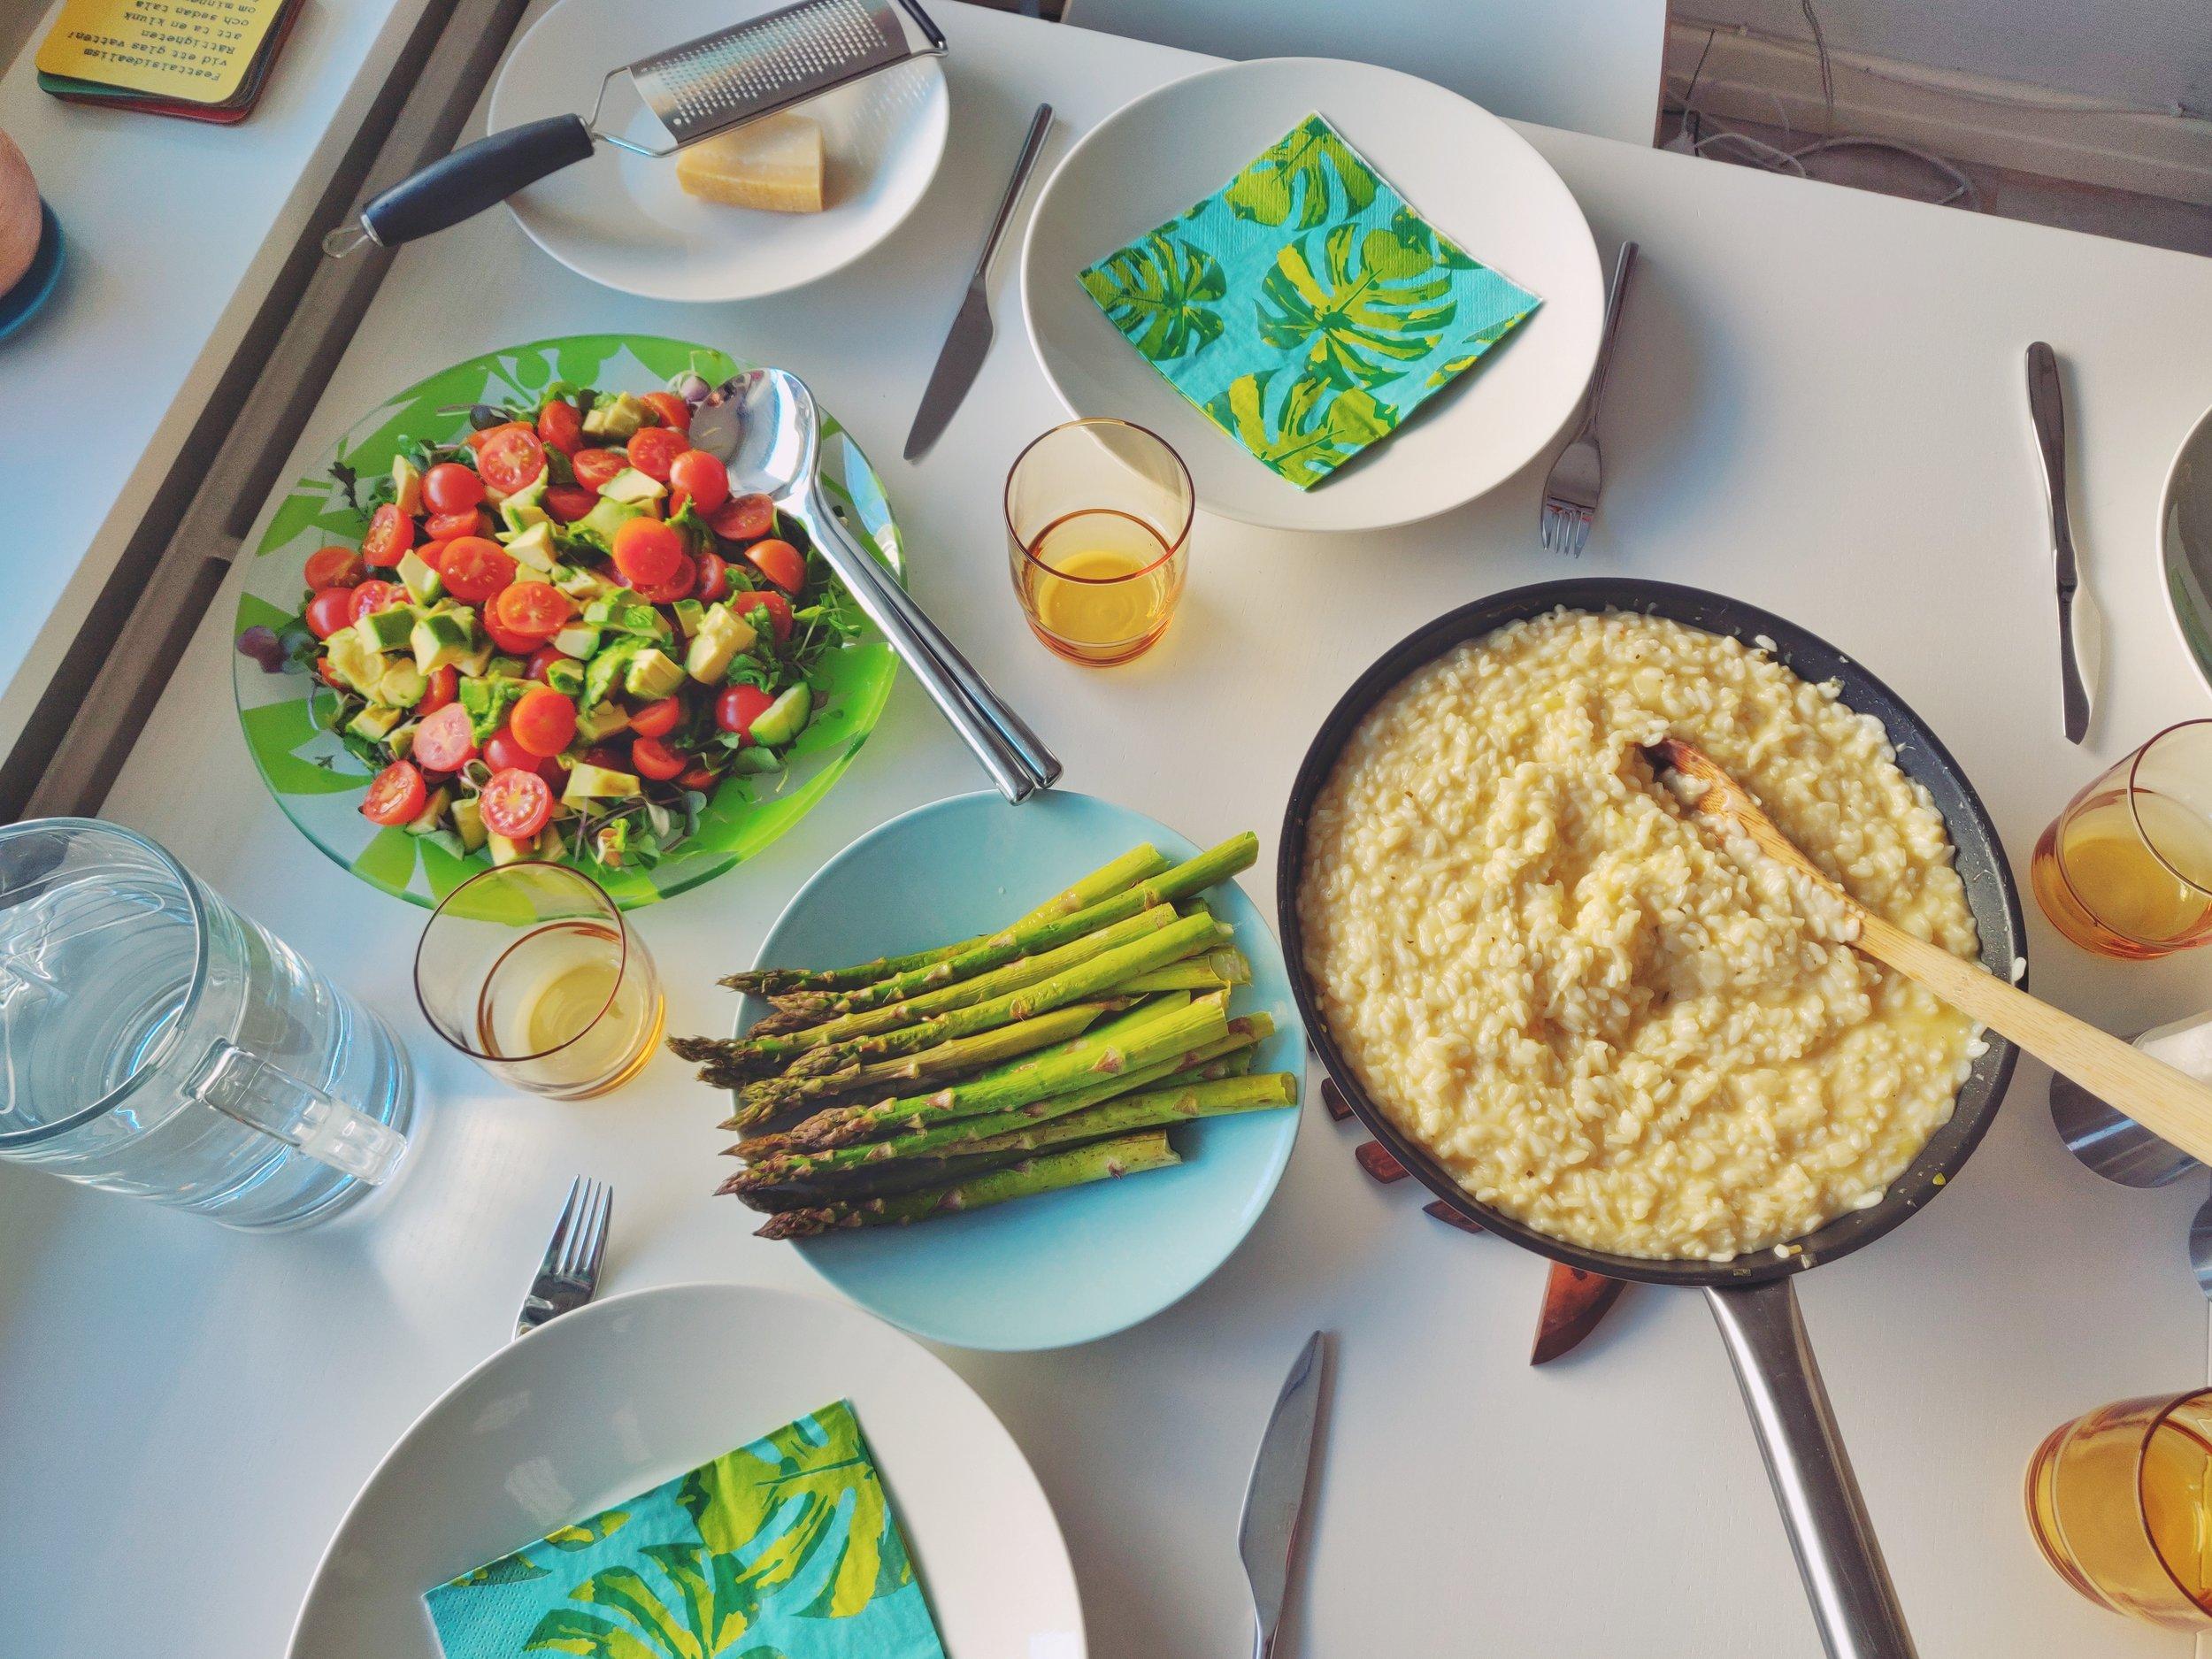 Jag brukar blanda i sparrisen men det blev så mycket risotto att den inte rymdes i stekpannan, haha.